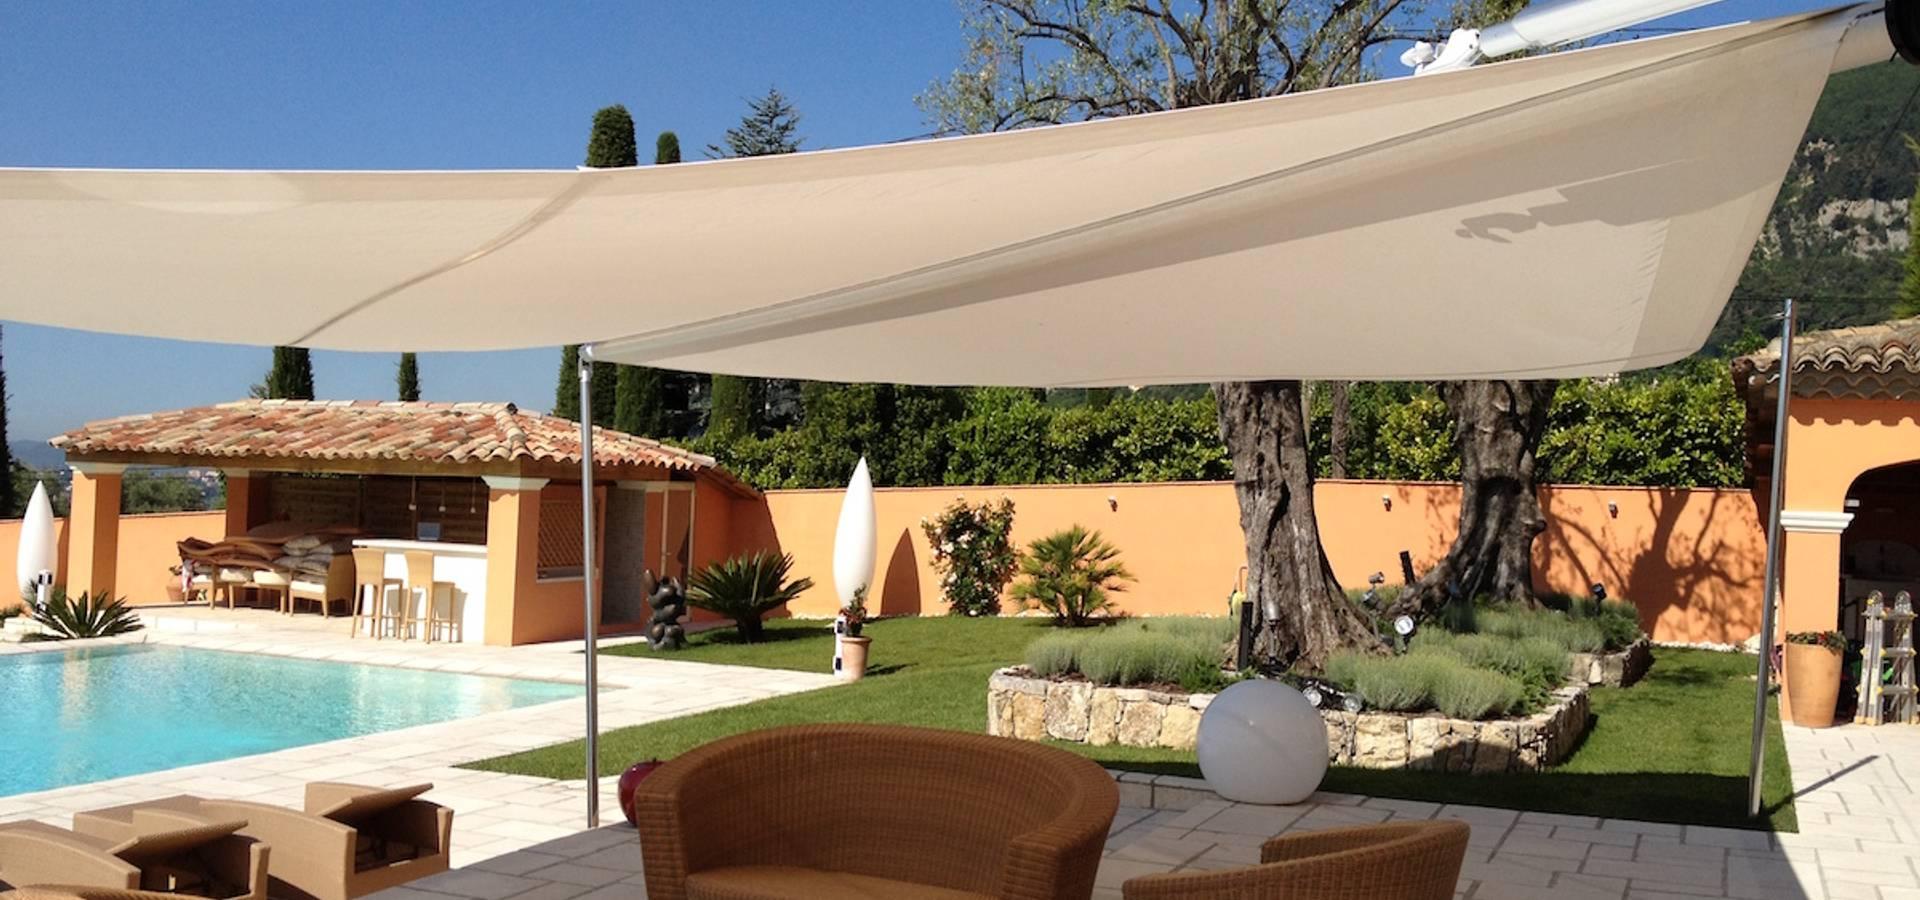 Voiles d\'ombrage sur mesure - Couverture terrasses - Projets ...